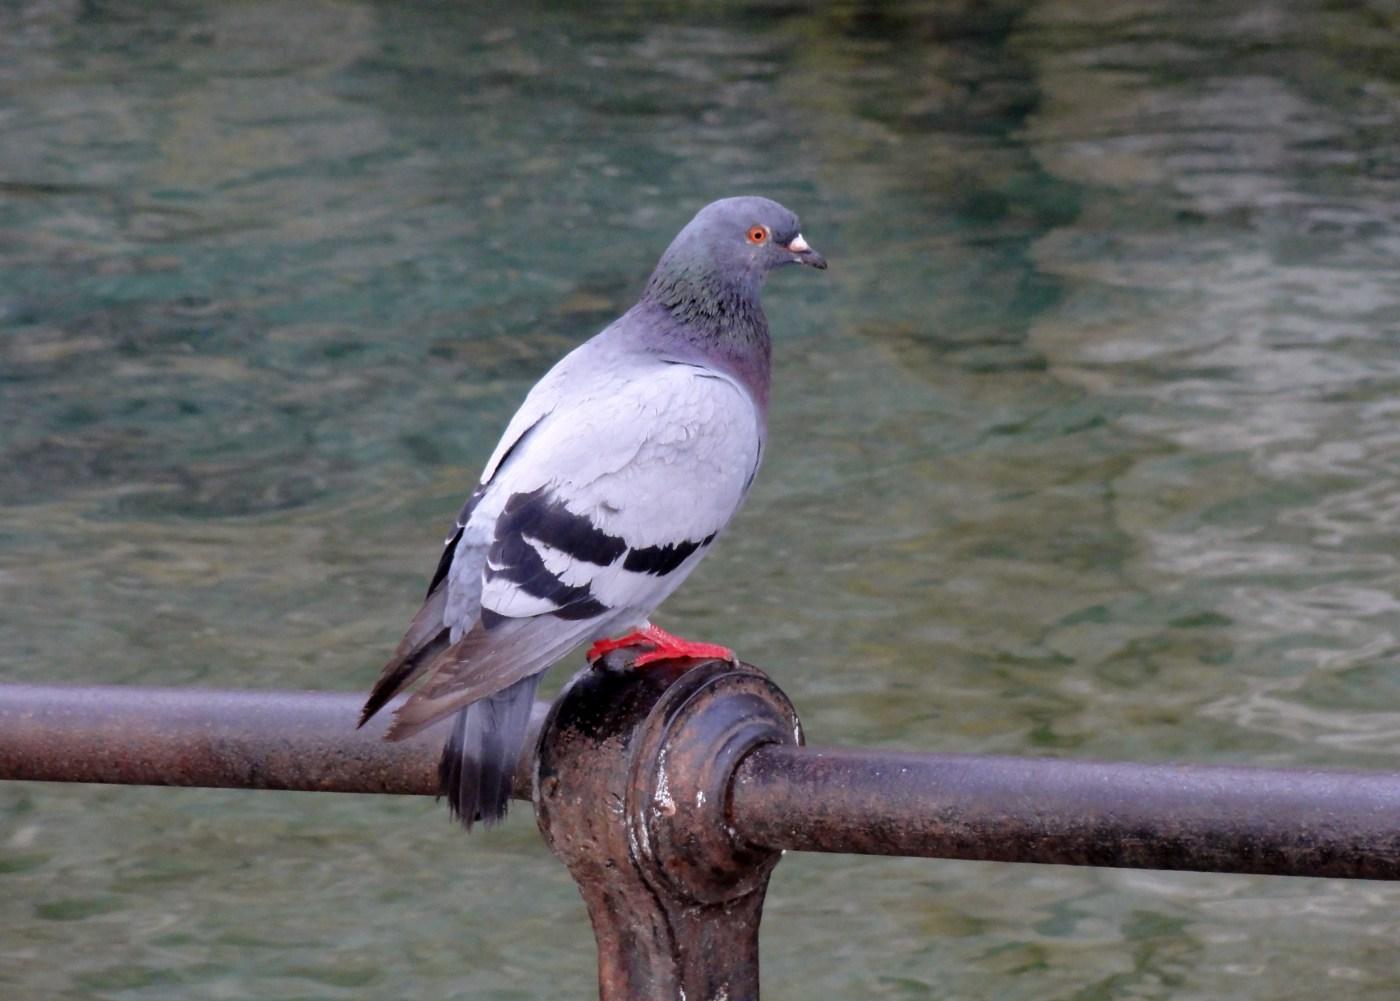 http://1.bp.blogspot.com/__HRIKfiRmp4/TRh3cSOp87I/AAAAAAAAA8A/PRb3X9S_xbk/s1600/Pigeon%2Bsur%2Bune%2Bbarre%2Bde%2Bfer.jpg